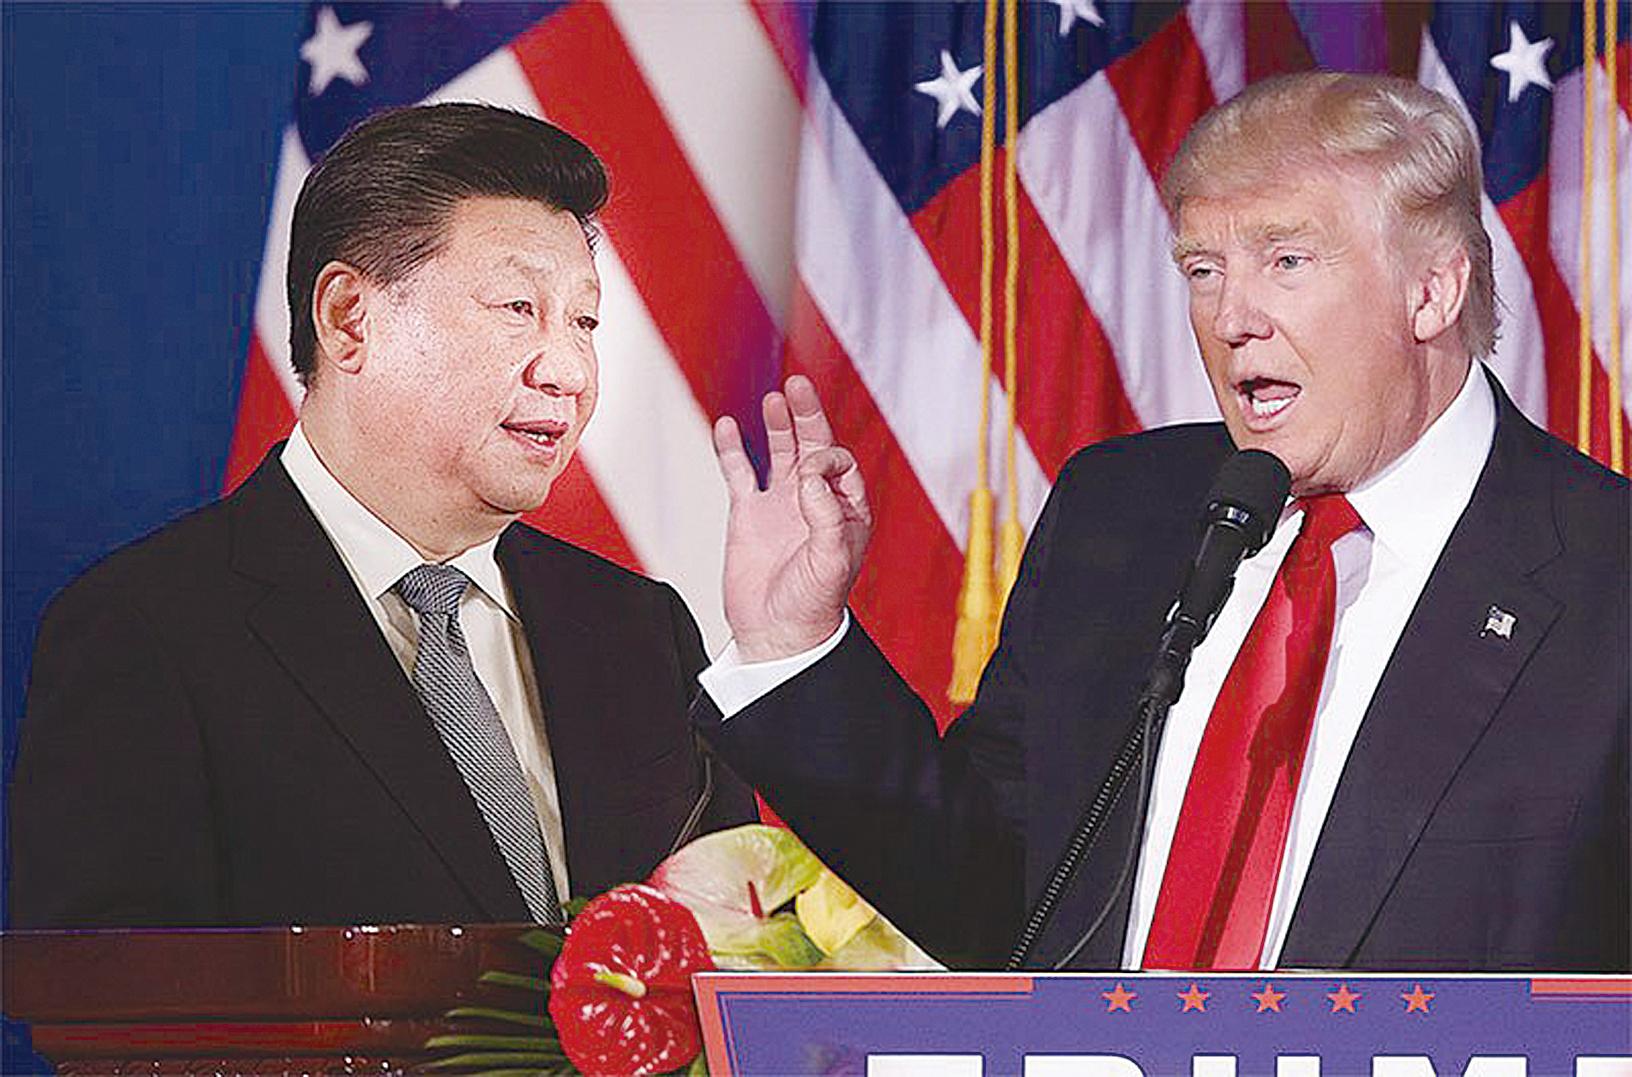 8月23日,中共宣佈對750億美元的美國商品加徵報復性關稅,美國總統特朗普發推回應說,要求美國公司立即尋找中國公司產品的替代者。(大紀元合成圖)